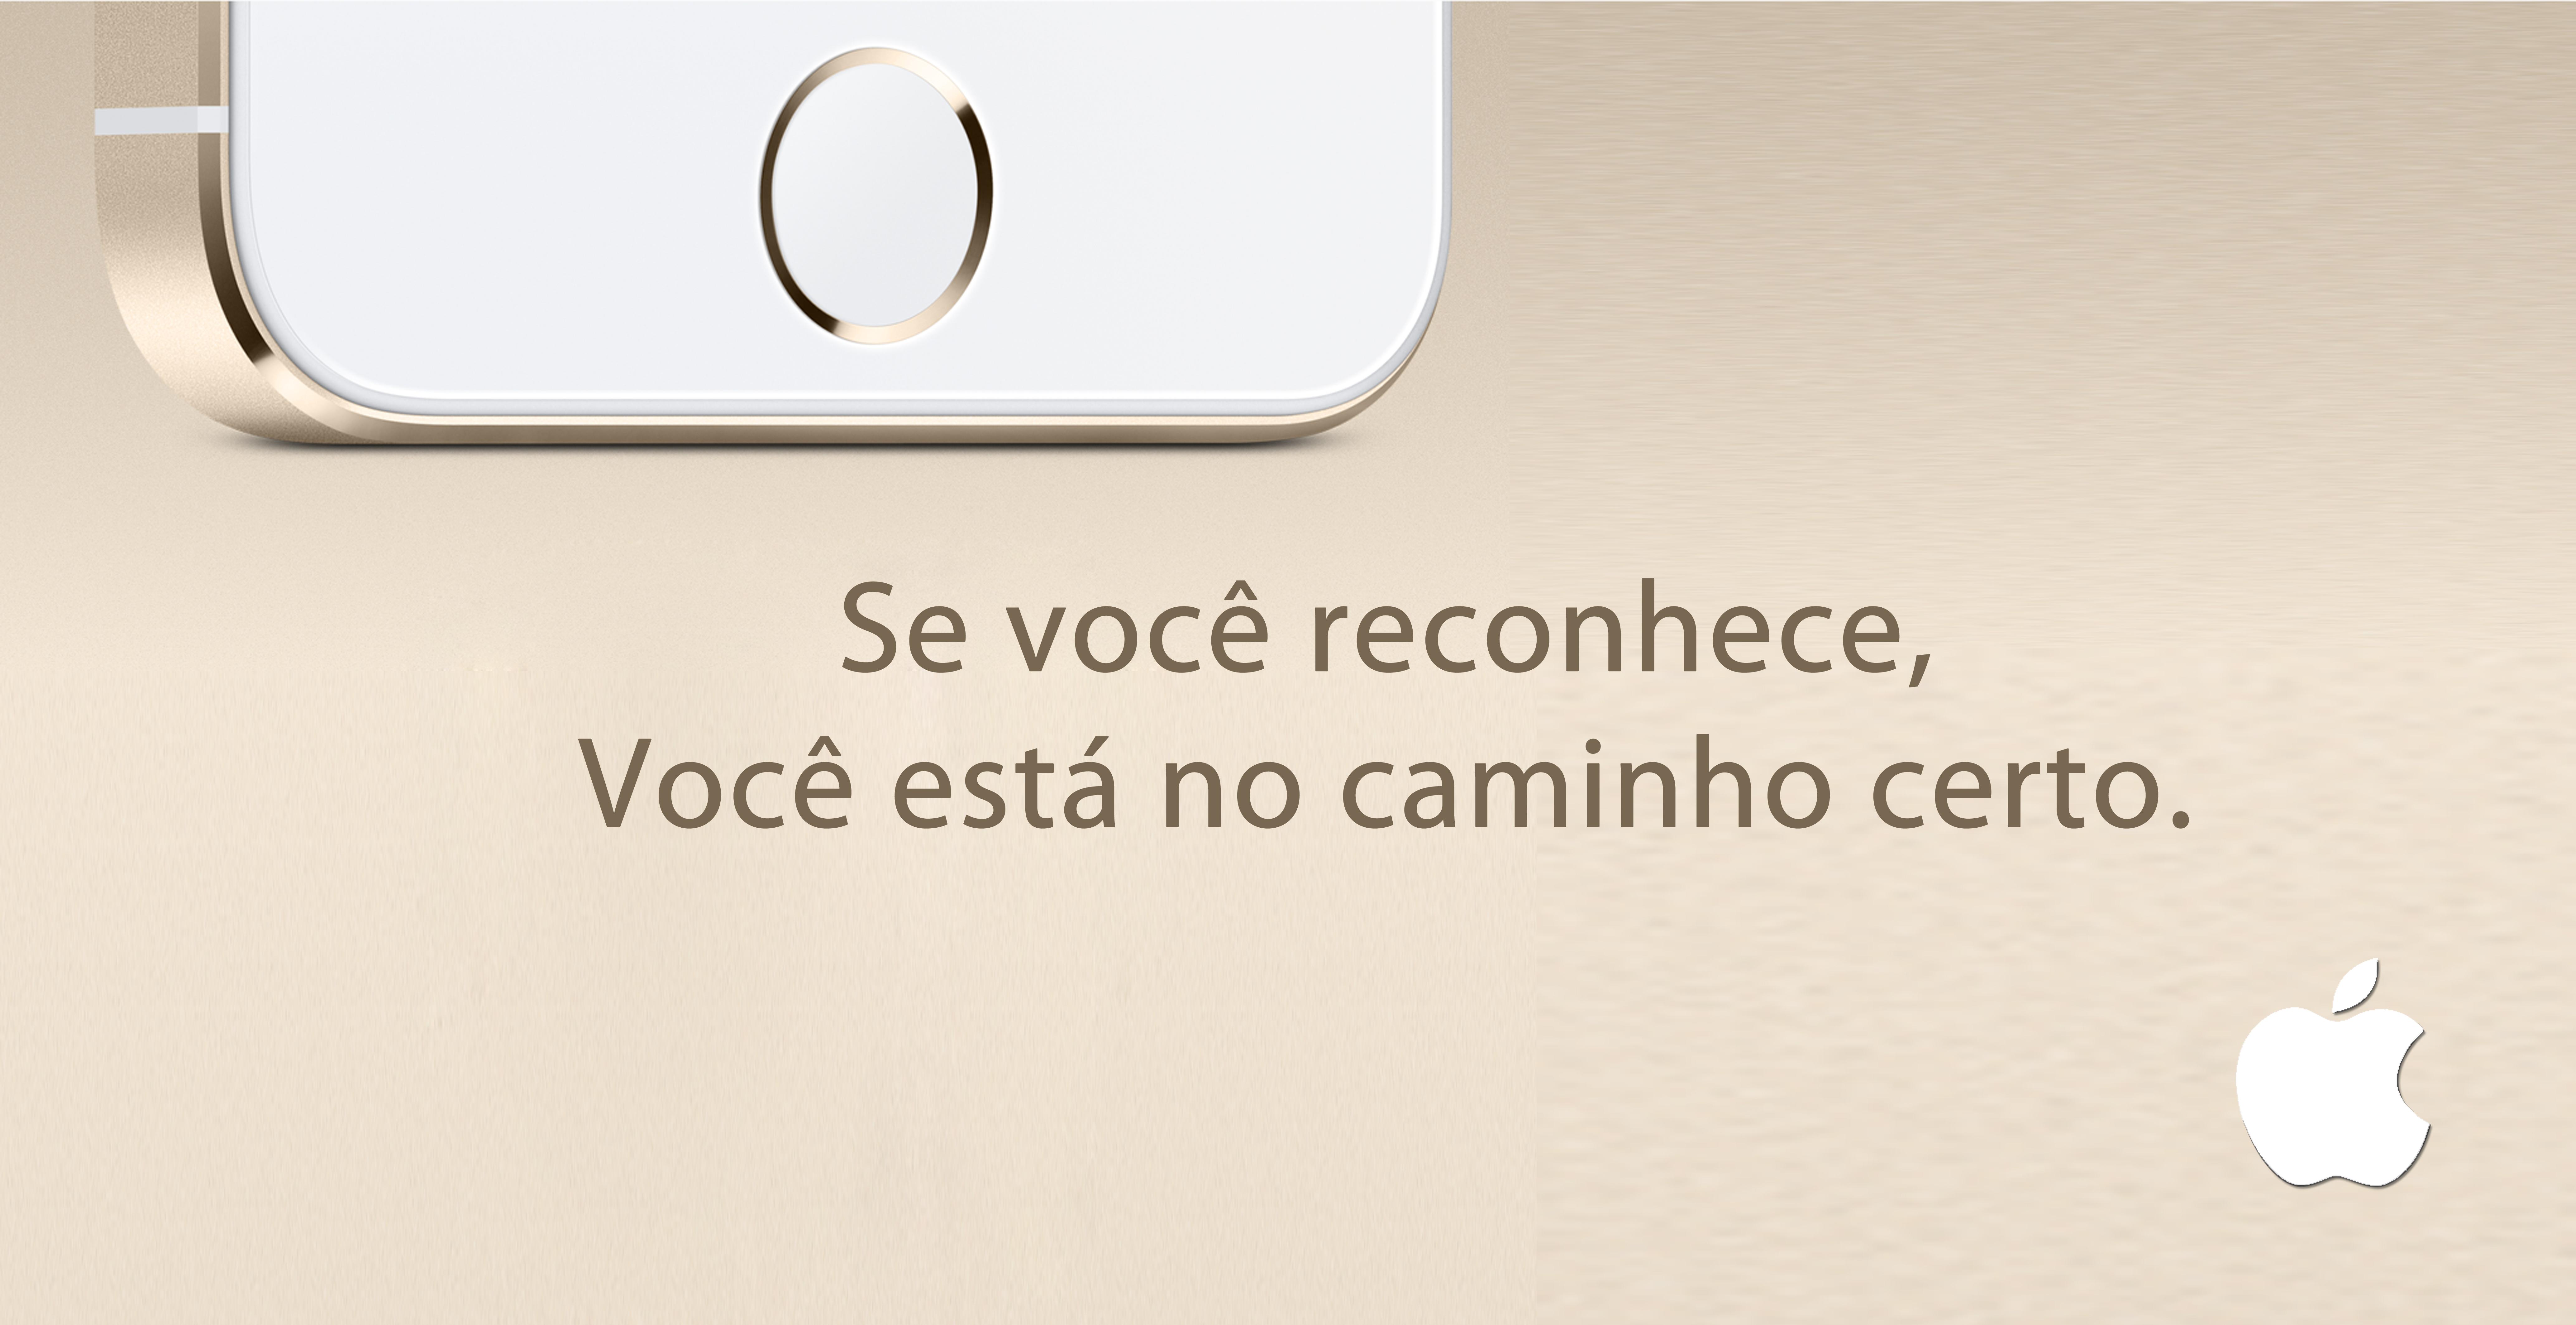 Apple on emaze